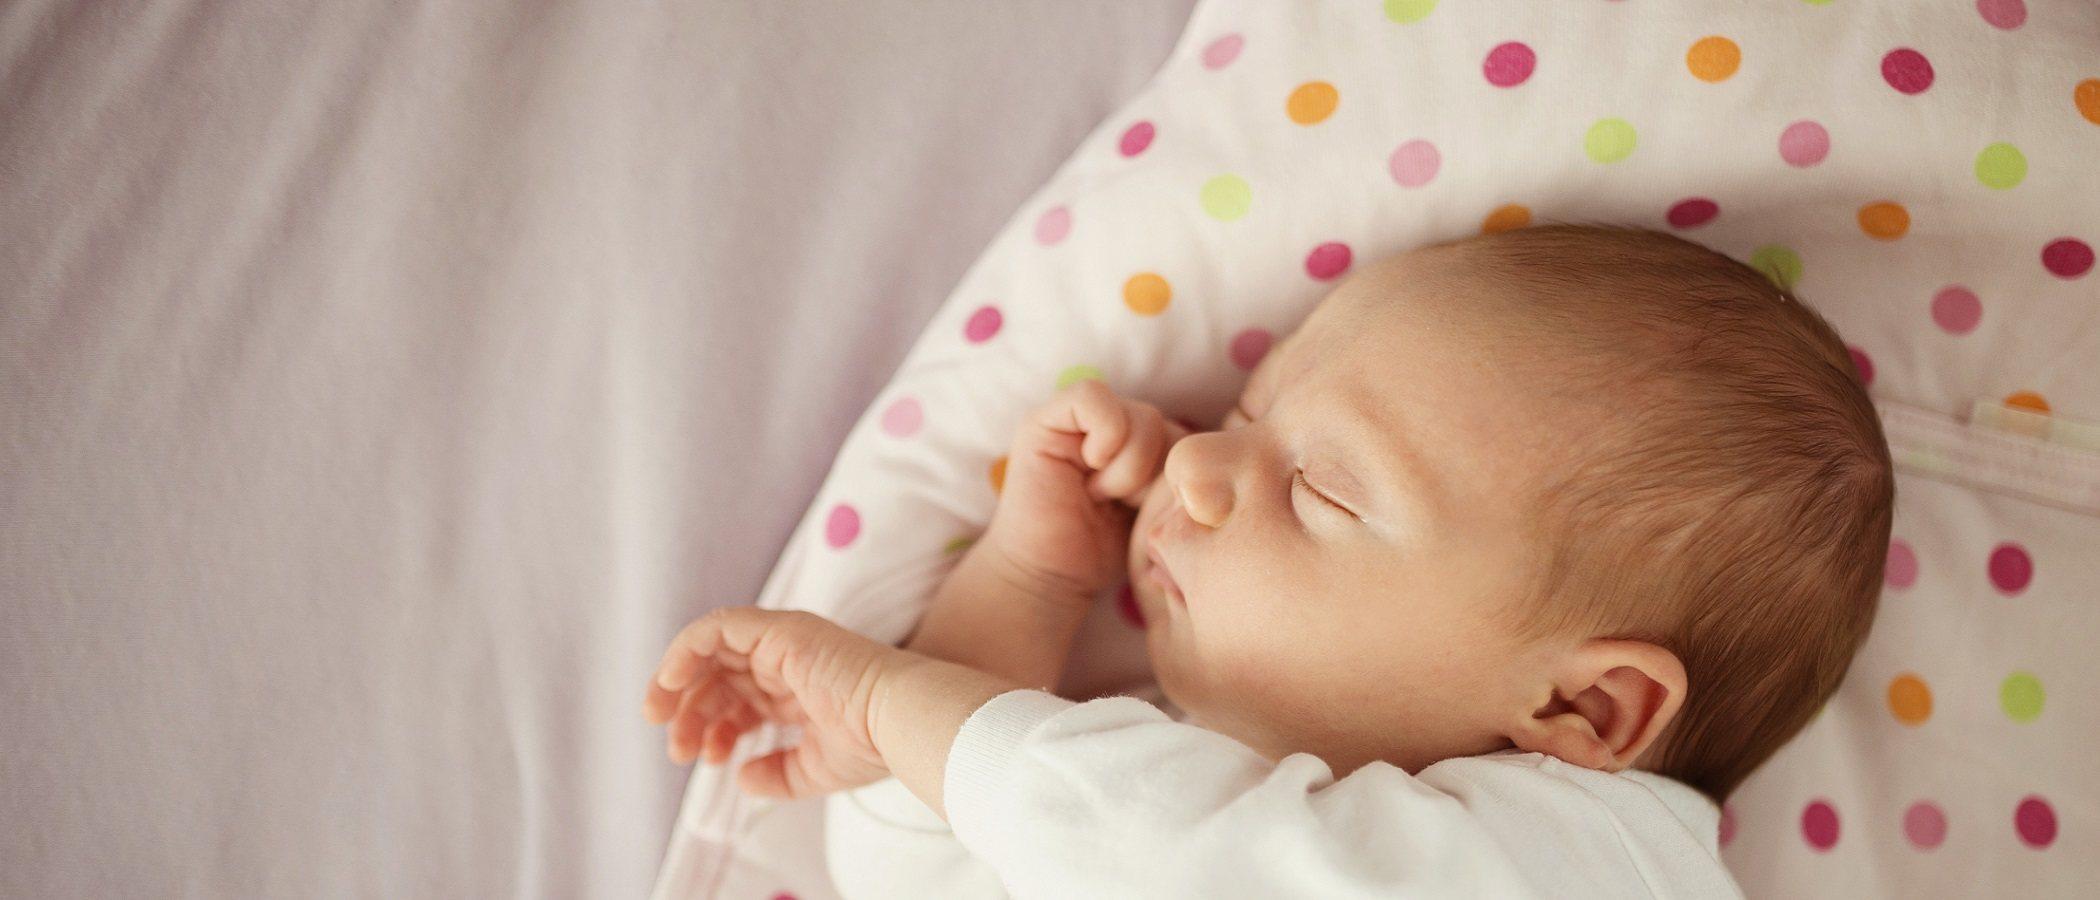 Si tu bebé de menos de 1 año tiene fiebre, esto es lo que debes hacer